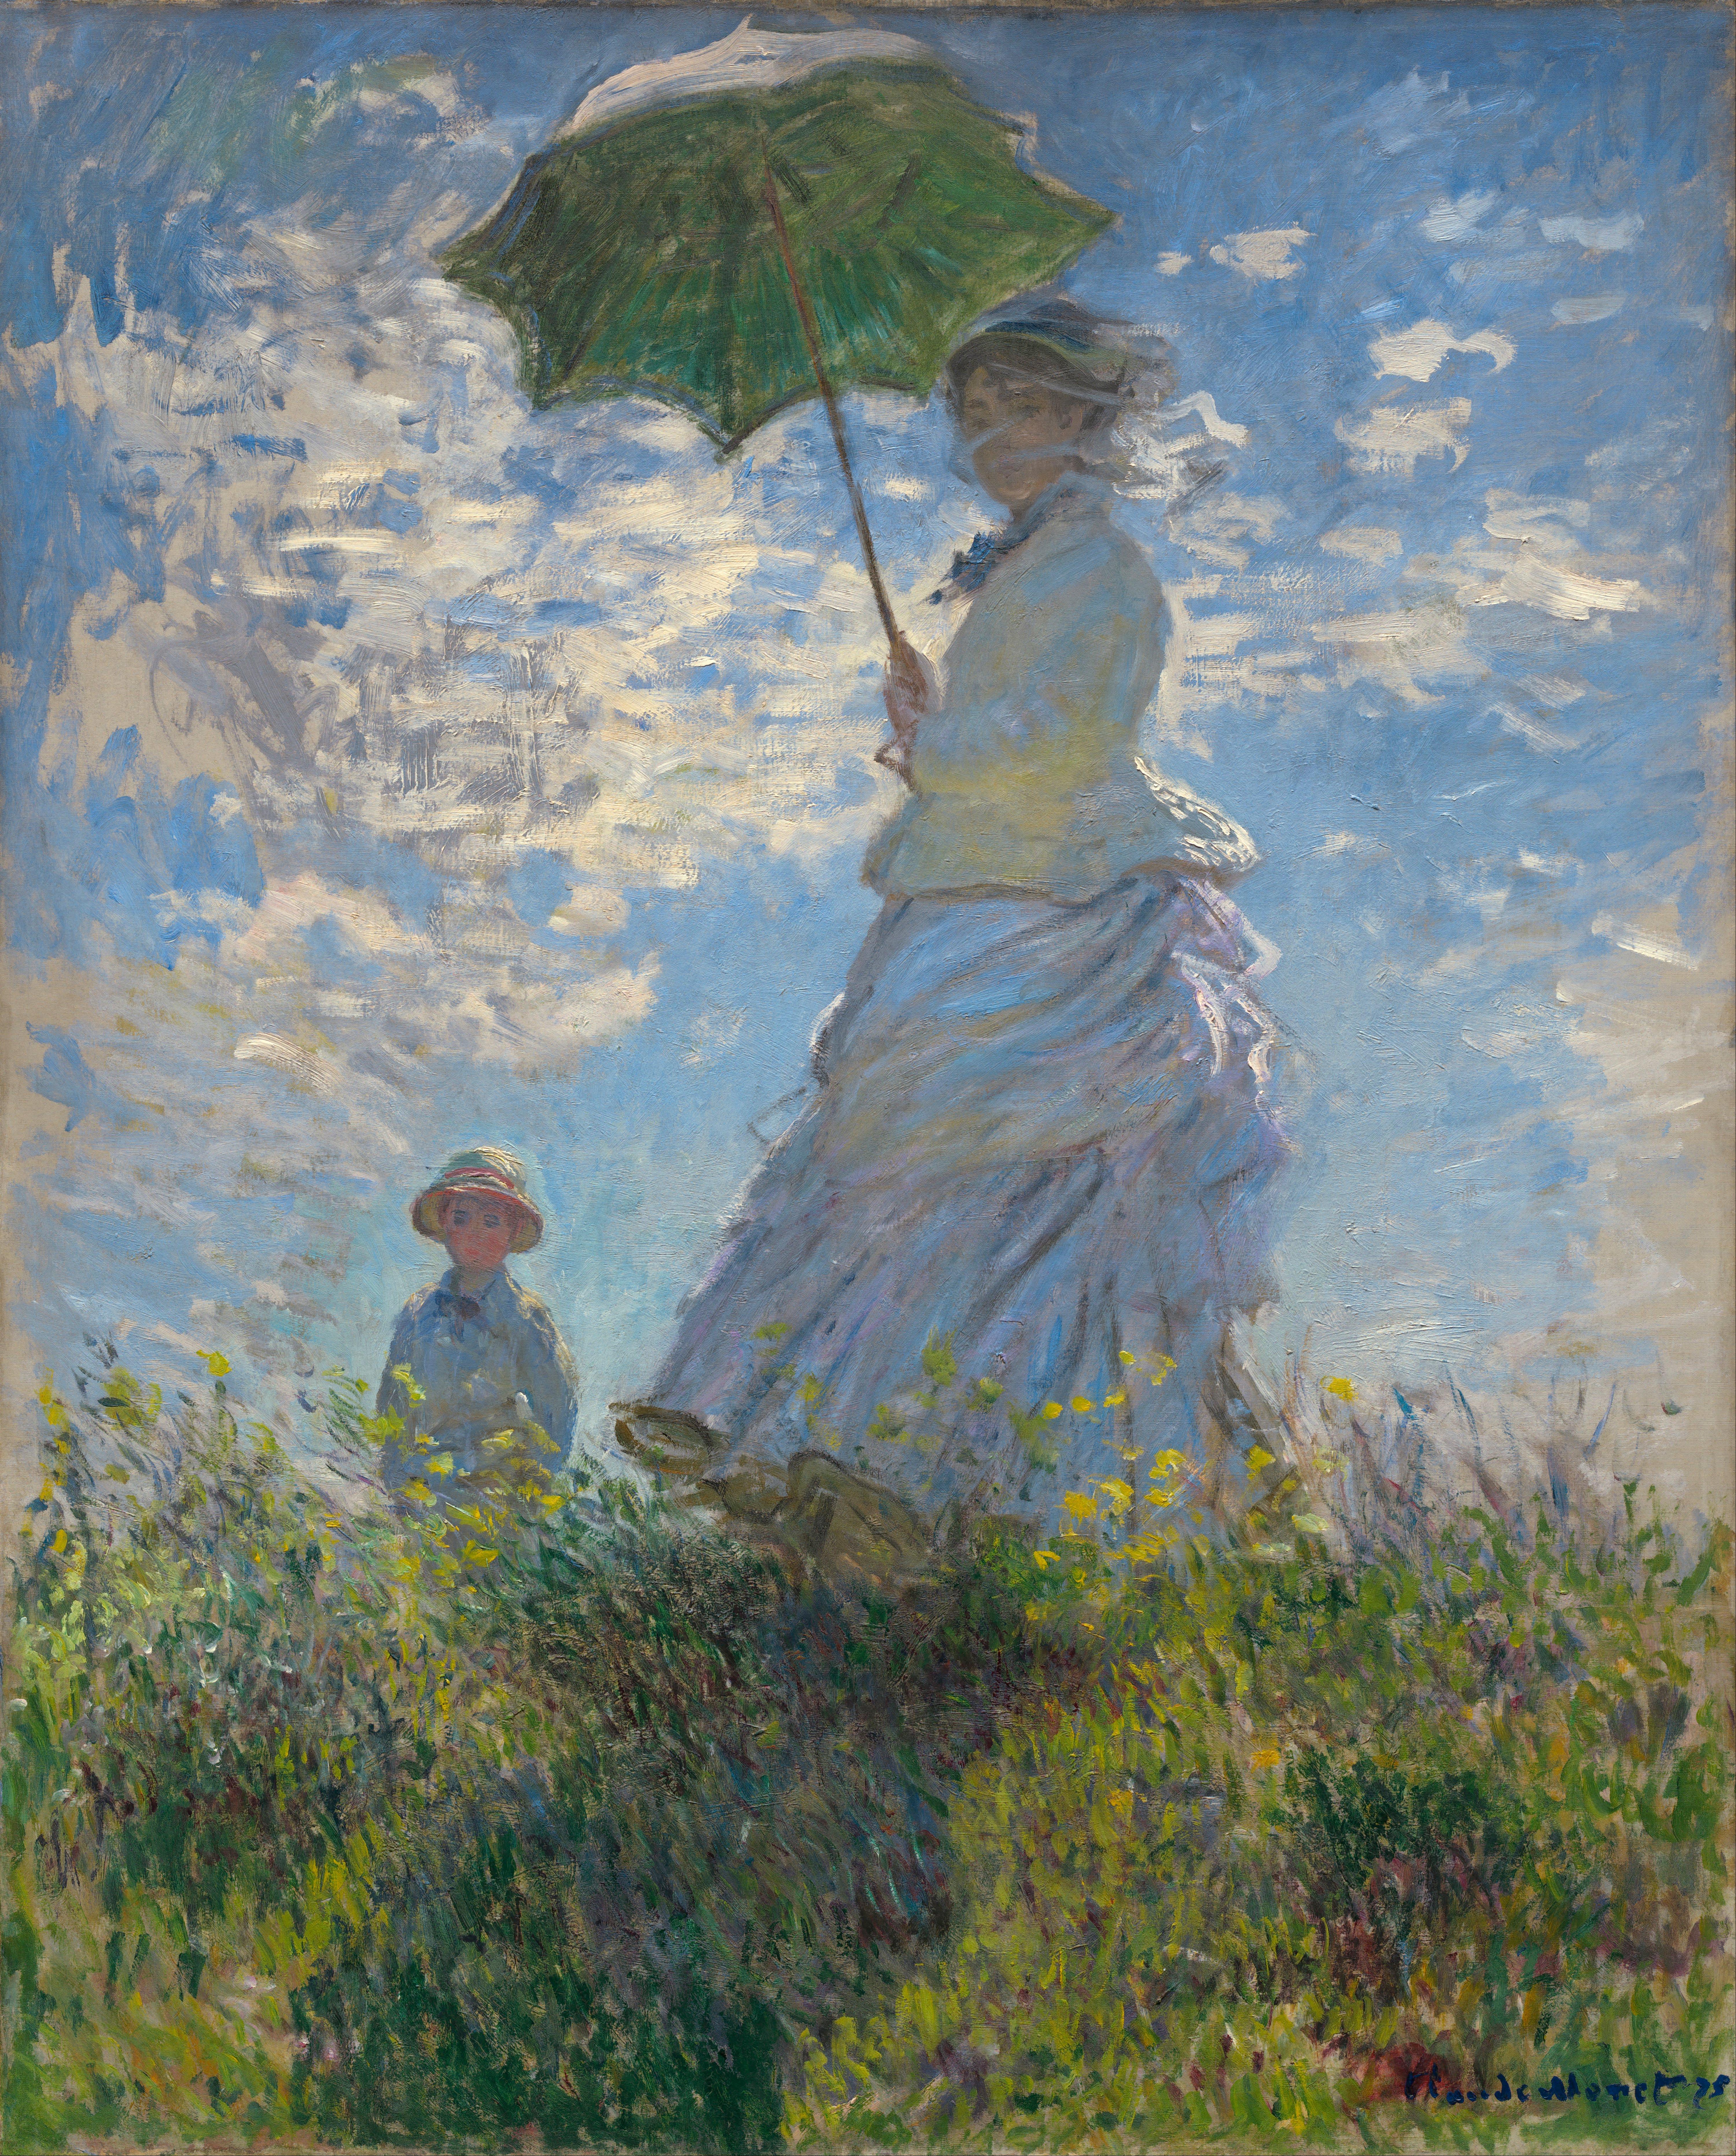 Woman Umbrella Monet Claude Monet Woman With a